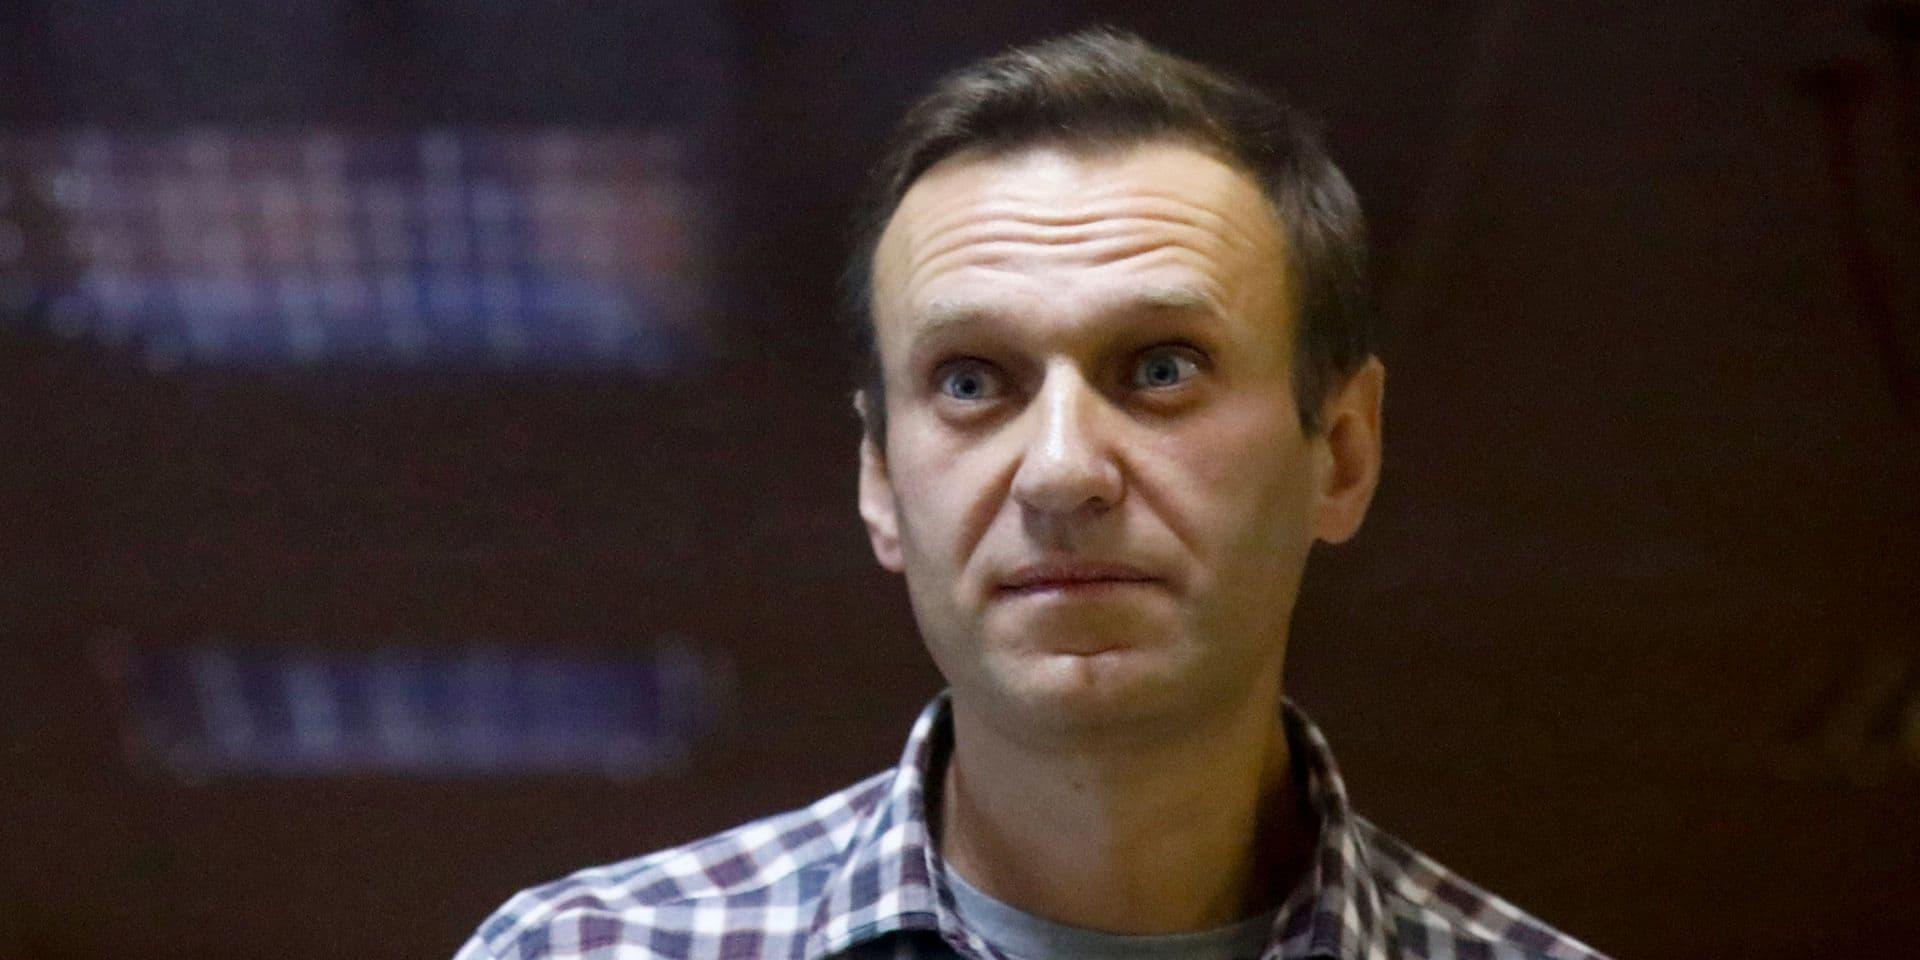 """Emprisonné et en grève de la faim, l'opposant russe Navalny peut avoir un arrêt cardiaque """"d'une minute à l'autre"""""""